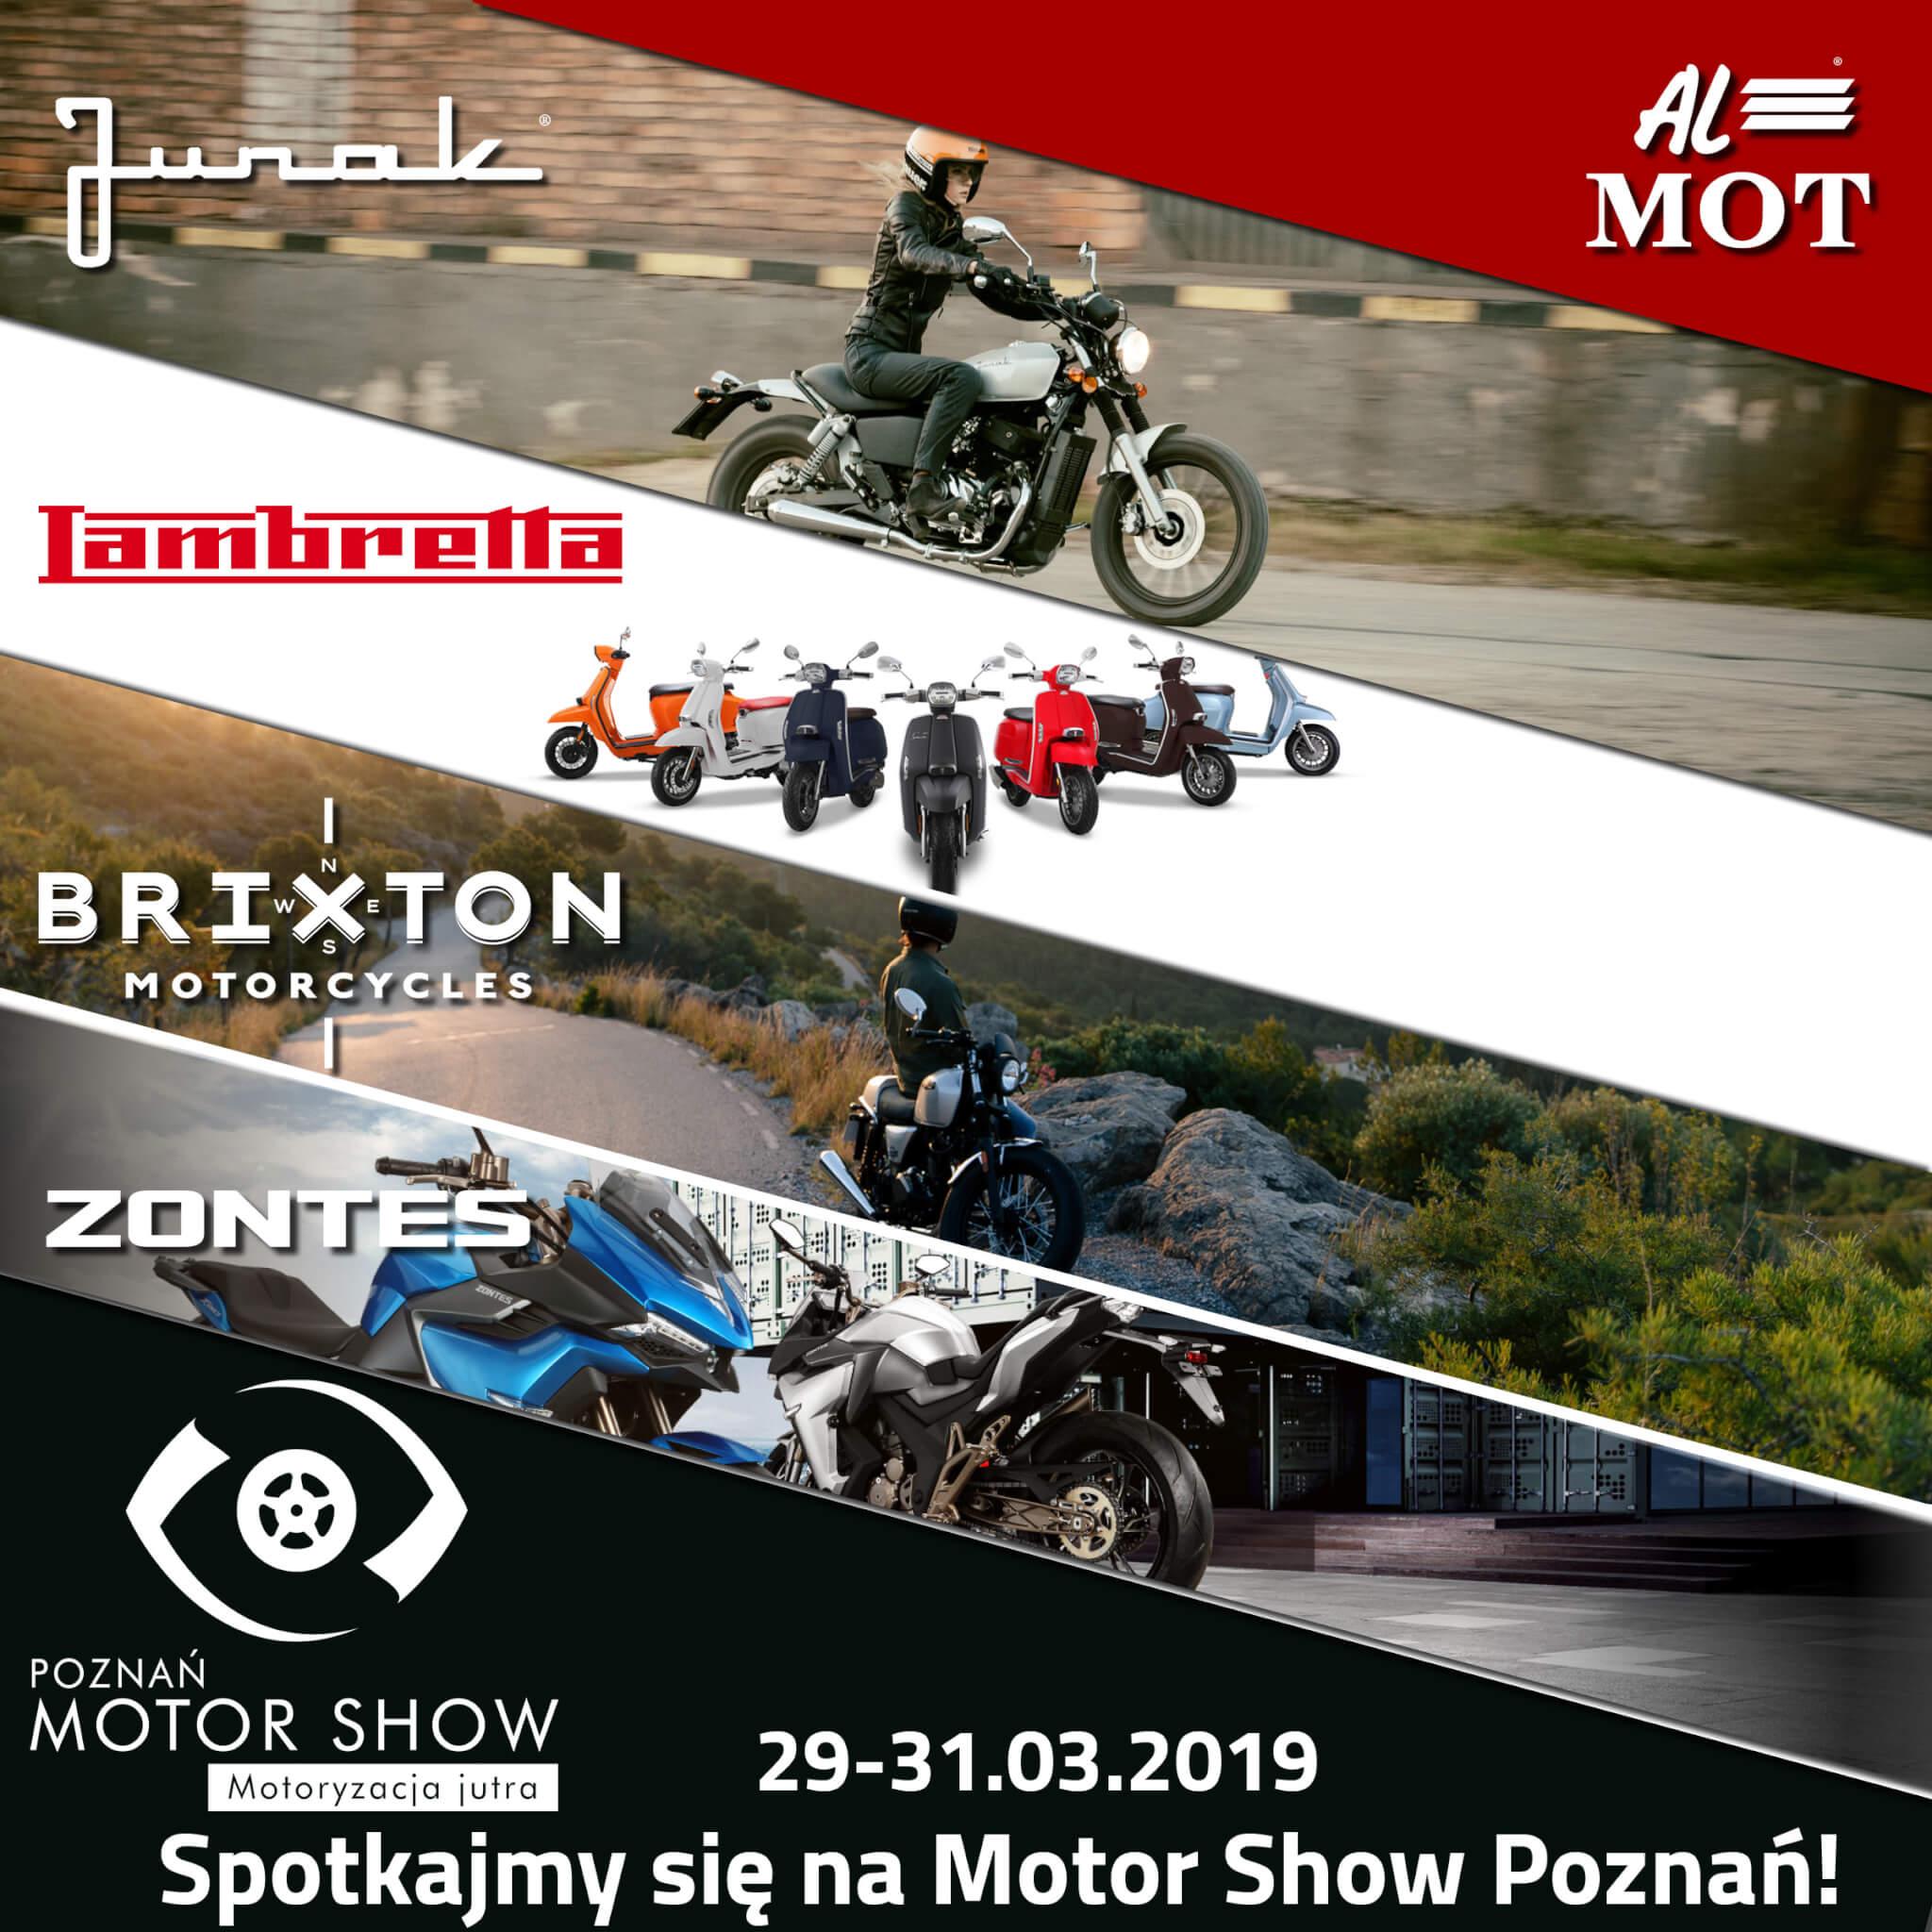 Junak na Motor Show 2019: Przyjdź i wygraj wymarzony motocykl 125